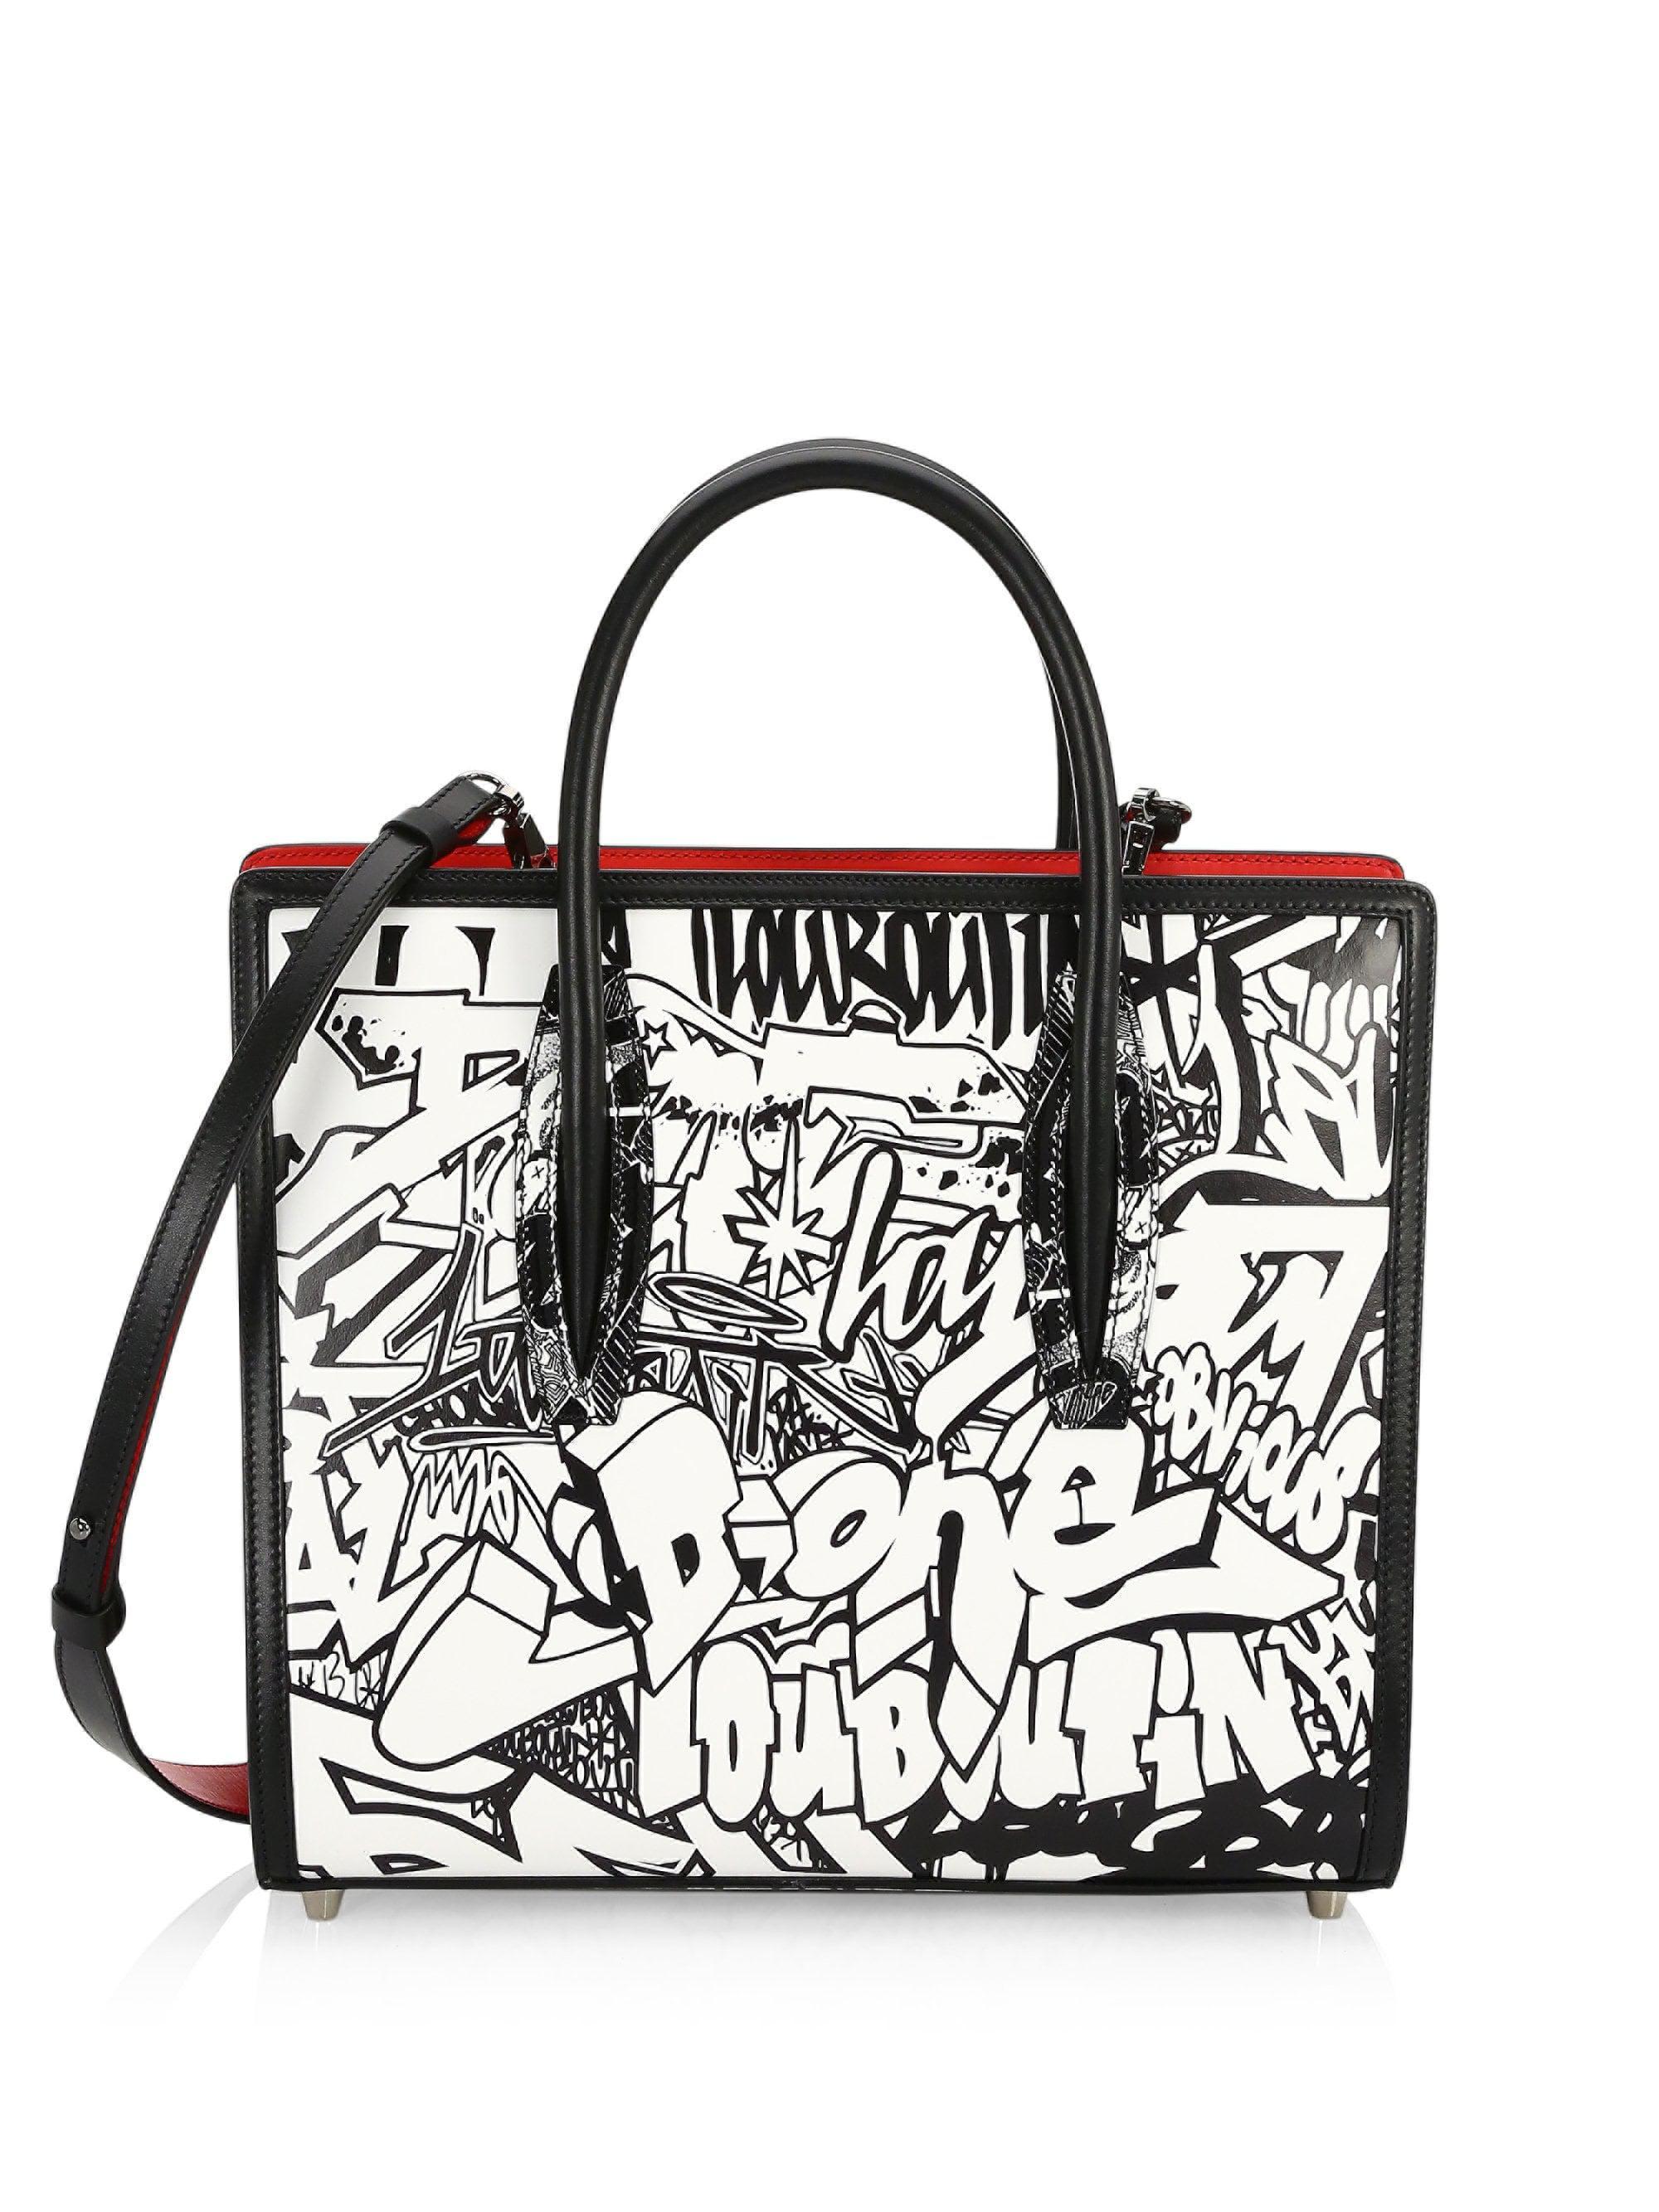 d66e52cb548 Christian Louboutin Multicolor Women's Medium Paloma Graffiti Leather Tote  - Black White